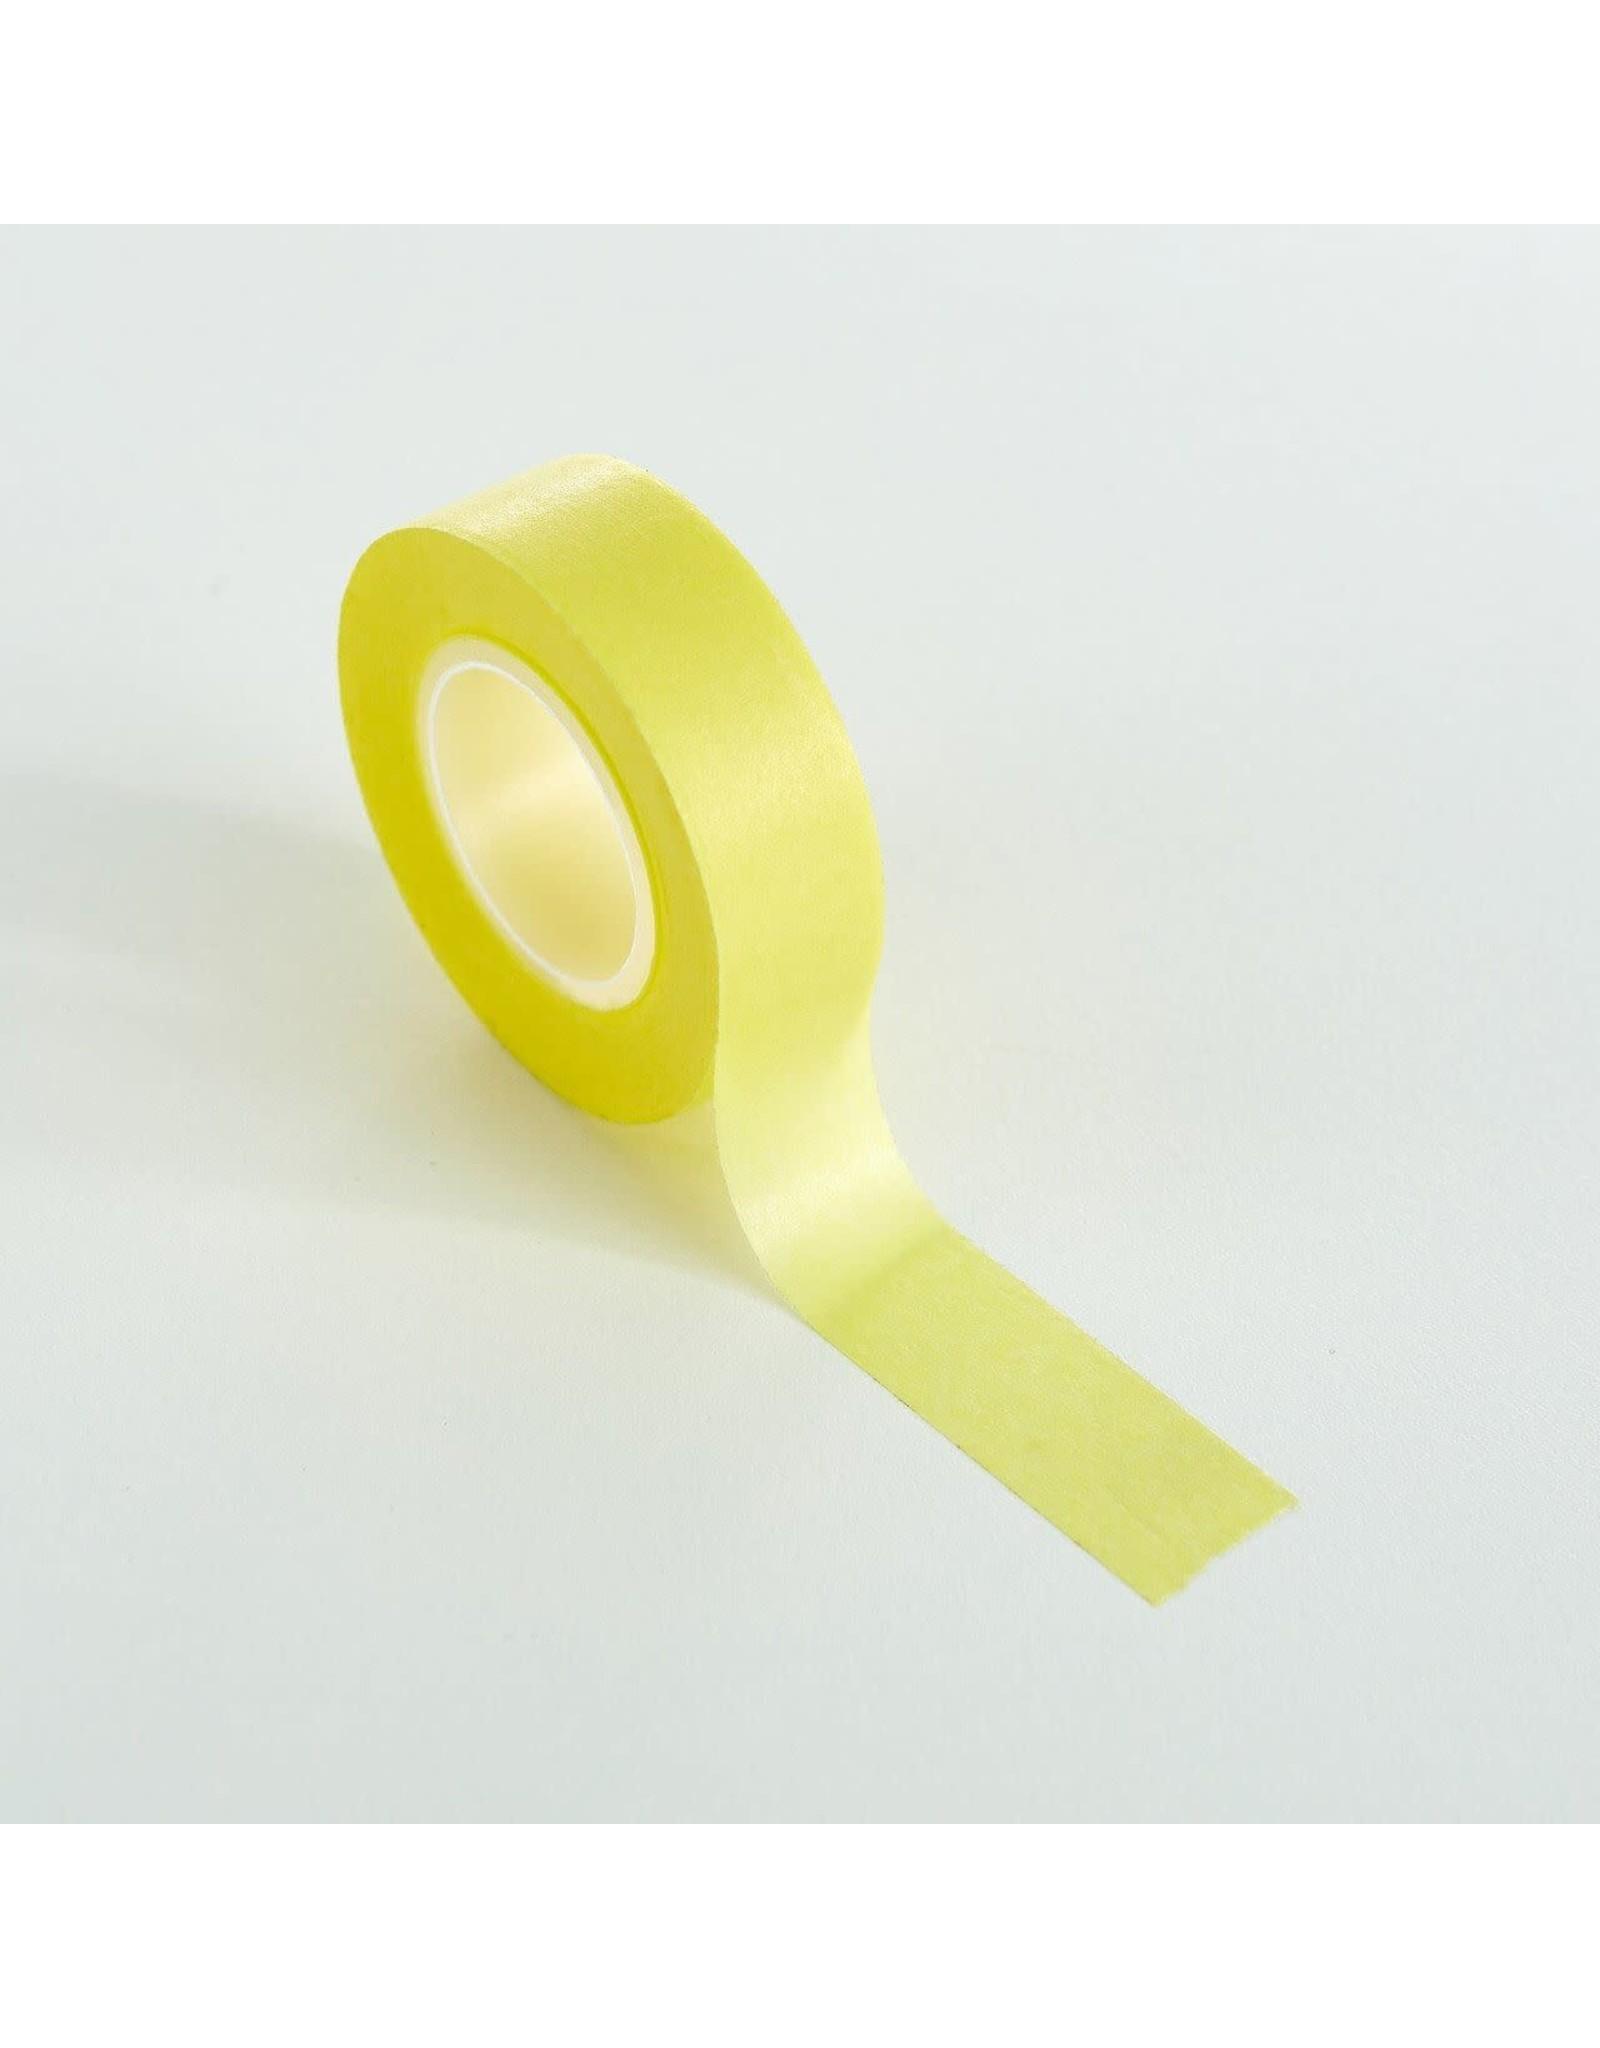 Spellbinders Best Ever Craft Tape